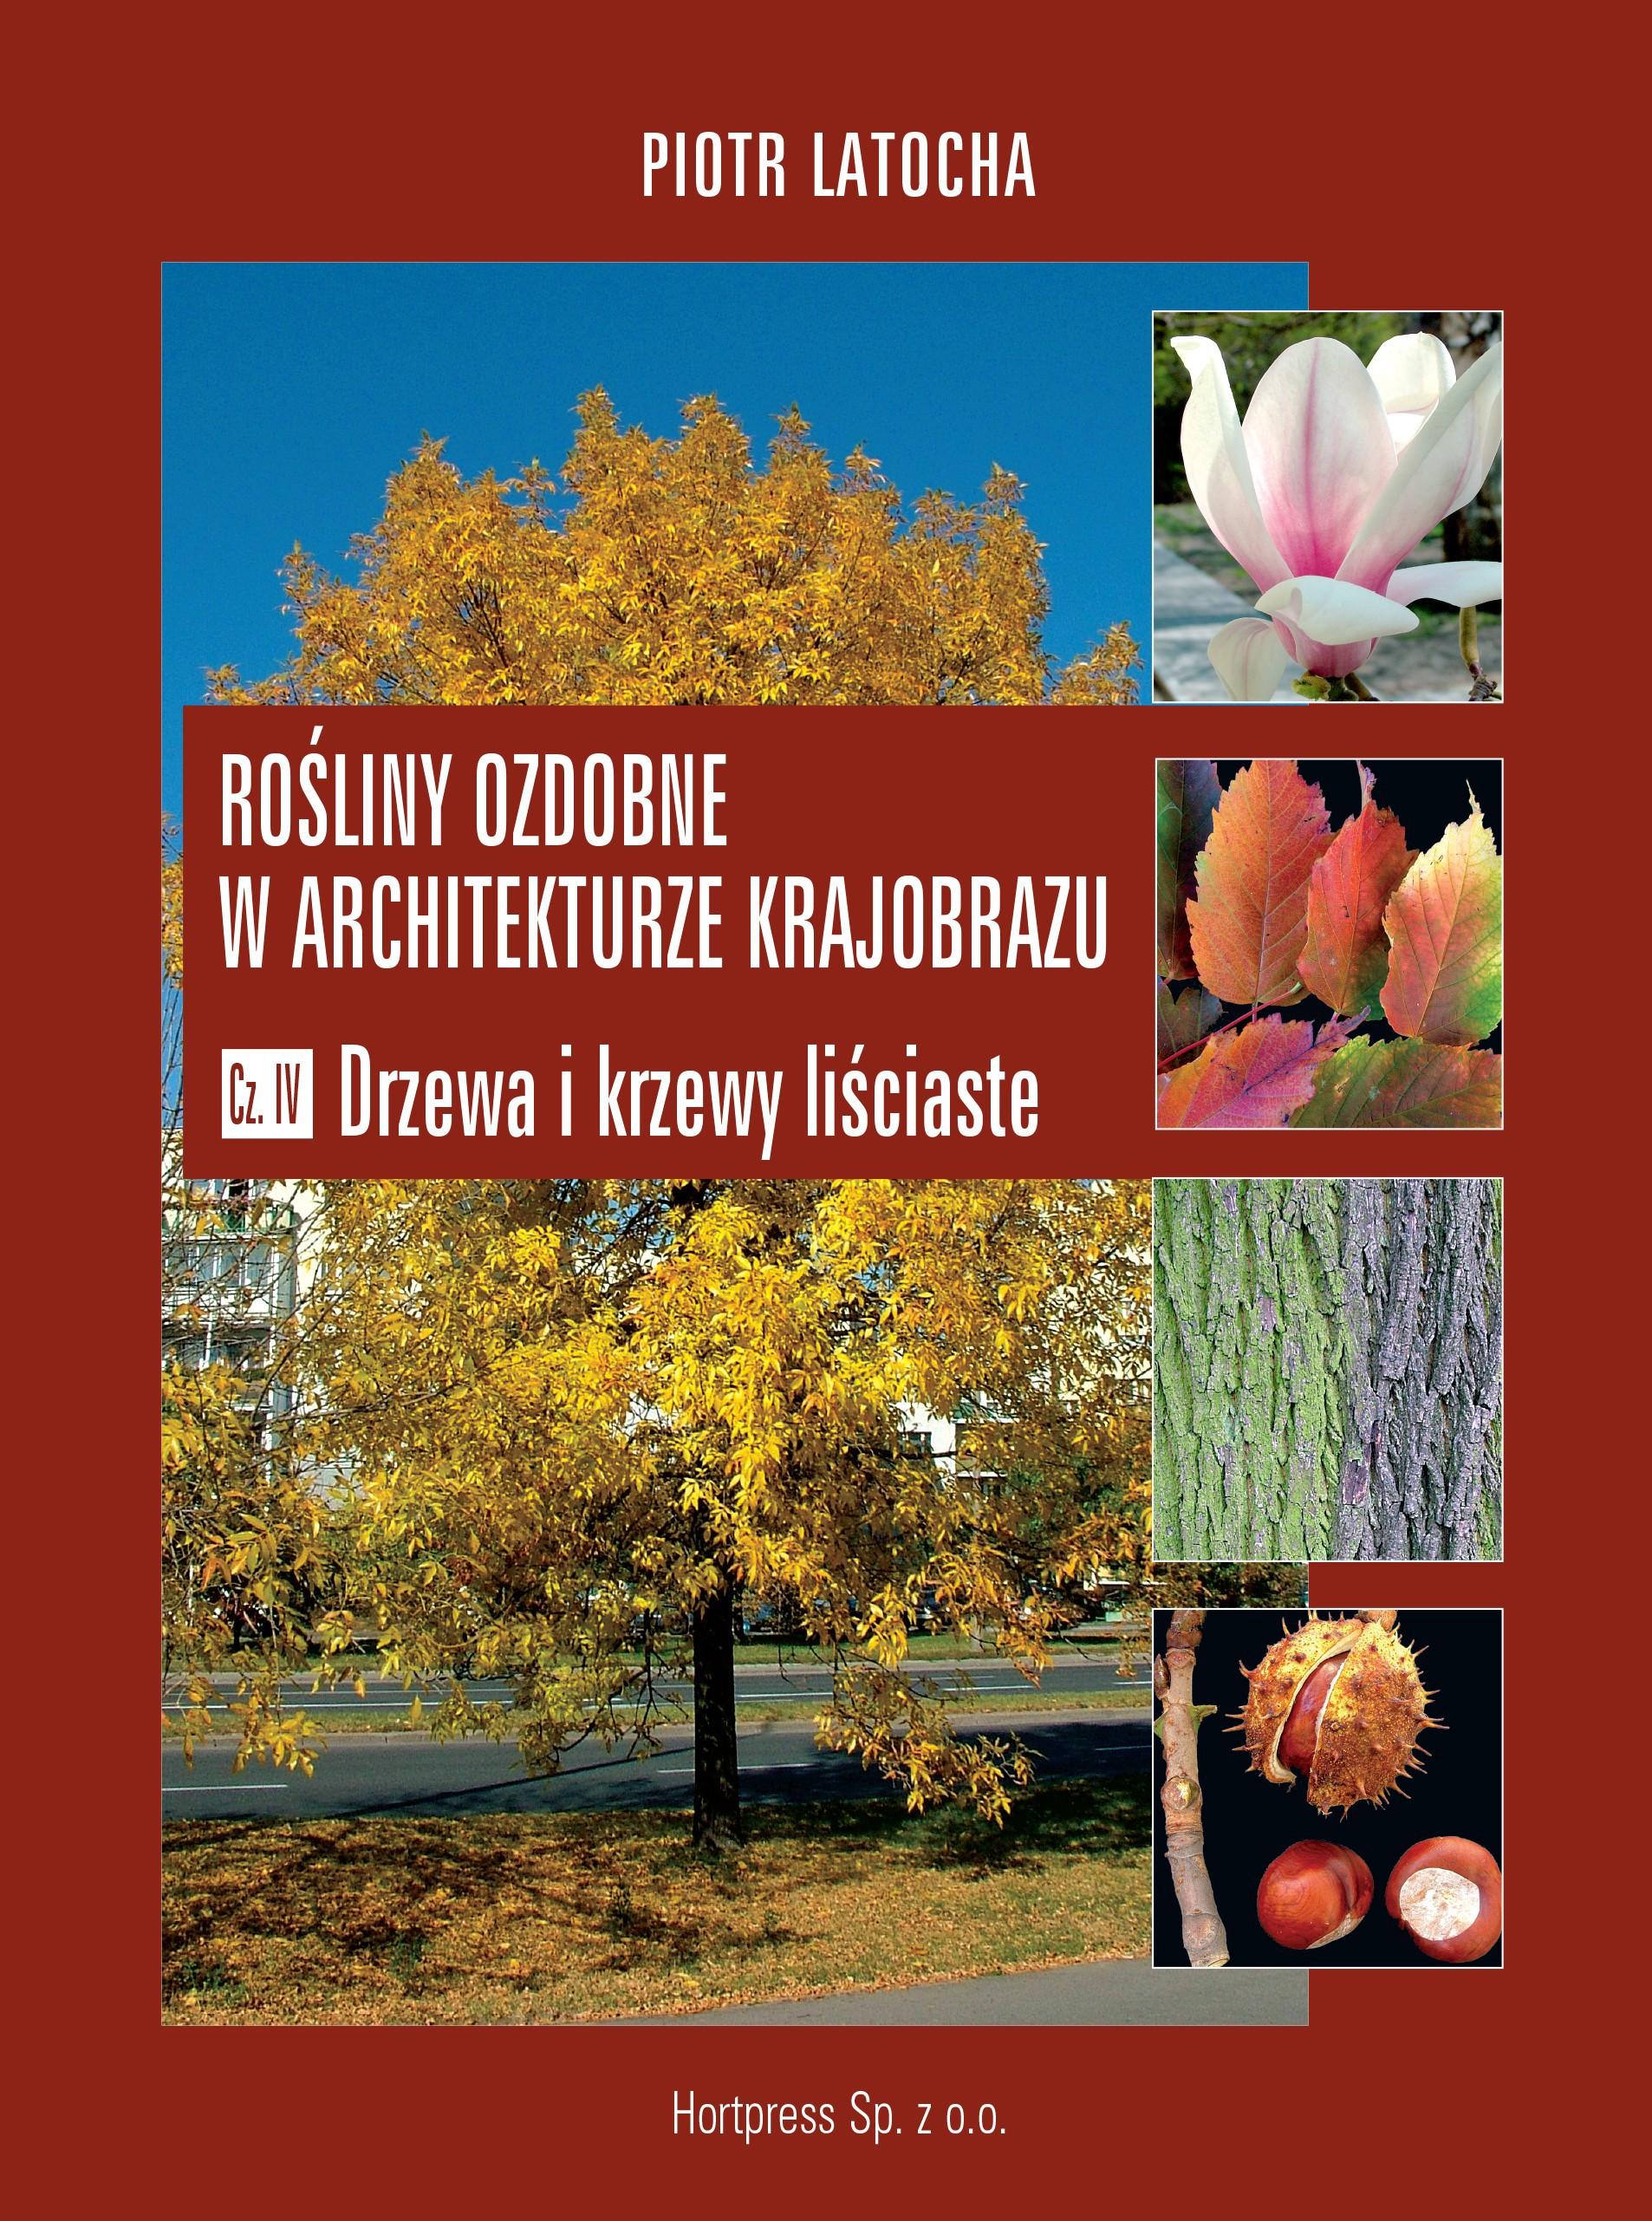 Rośliny ozdobne w architekturze krajobrazu cz. IV